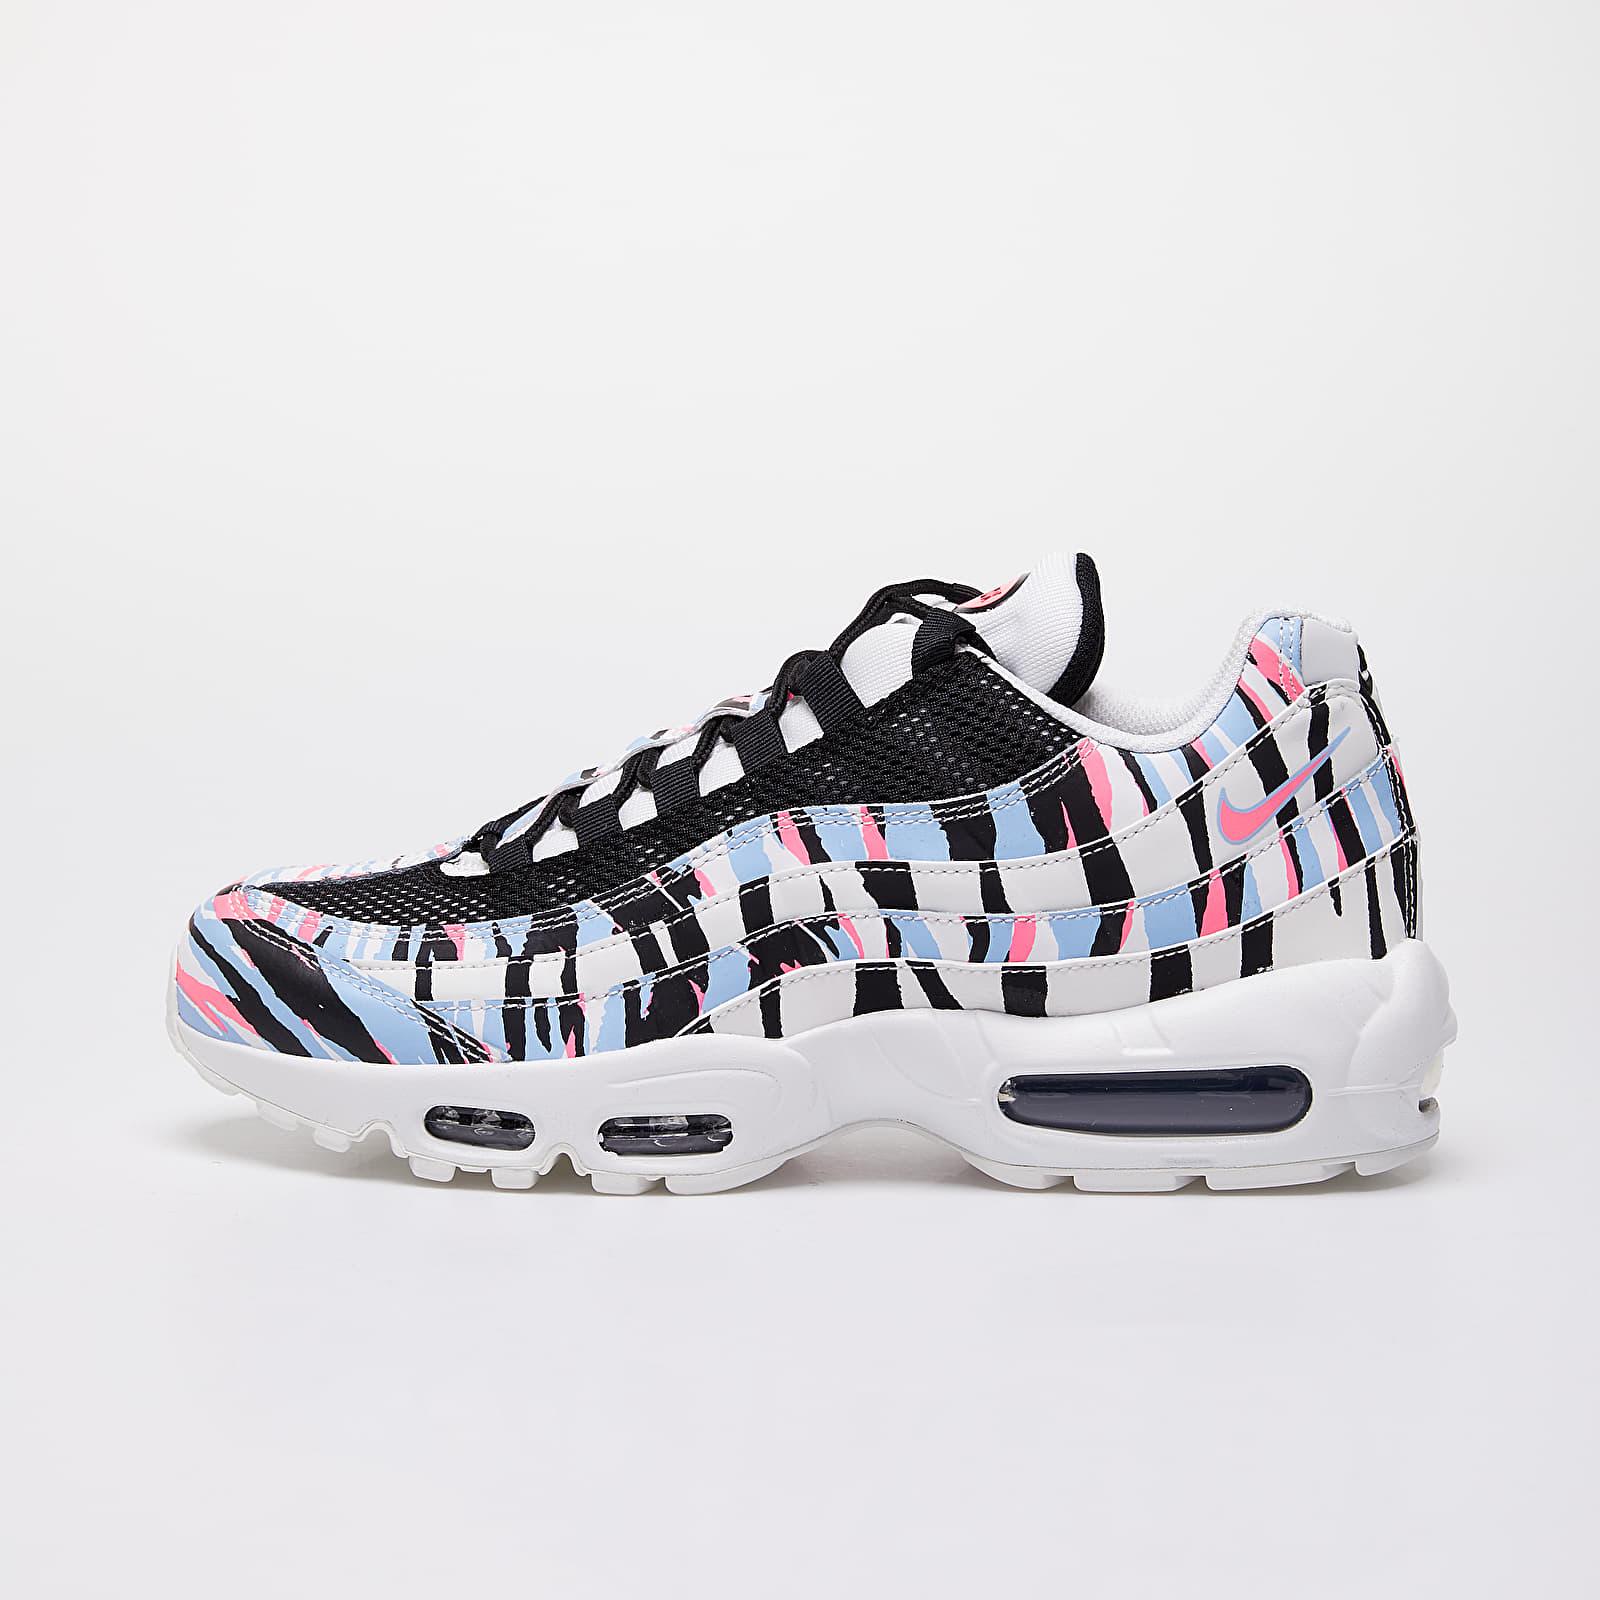 Nike Air Max 95 Ctry